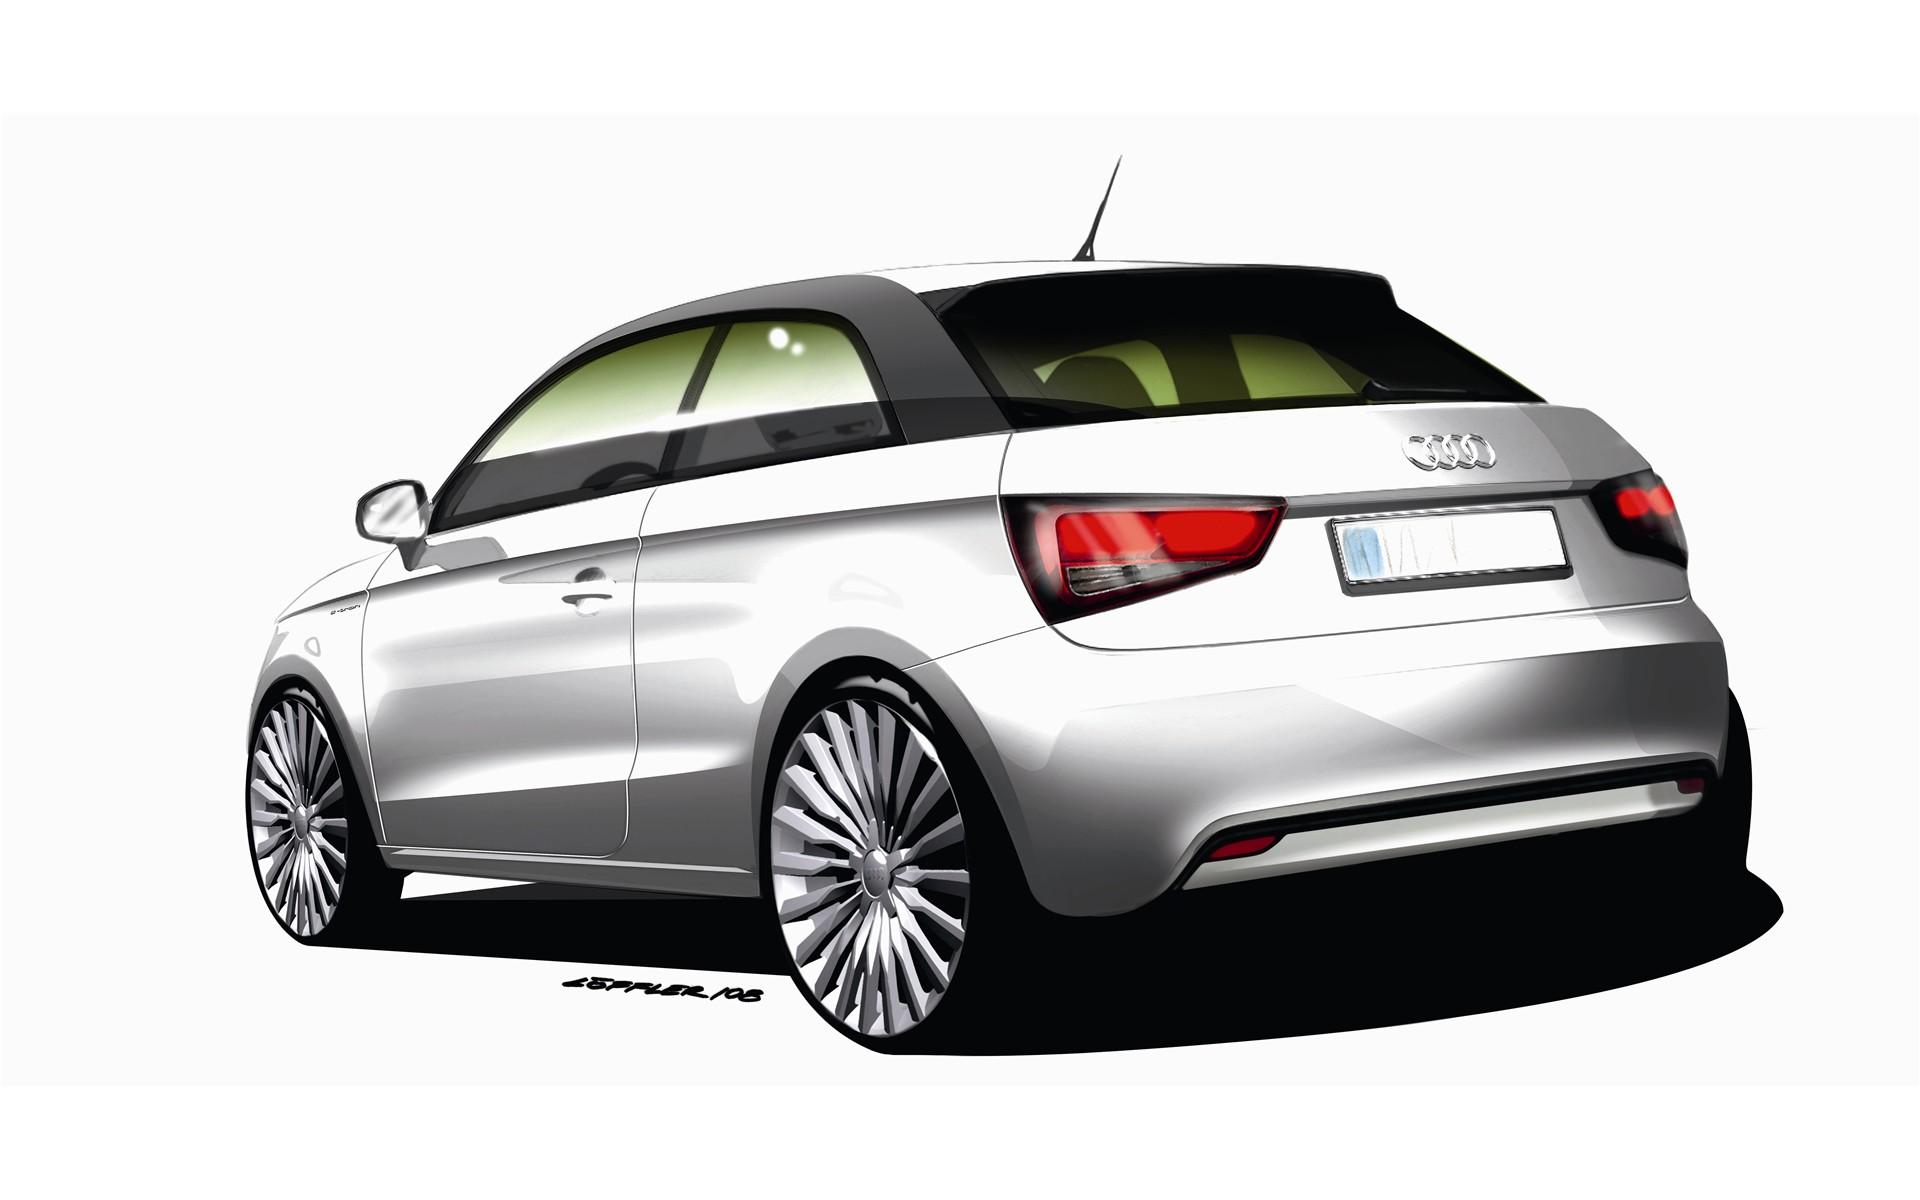 极品新能源概念汽车高清图片素材 20P高清图片